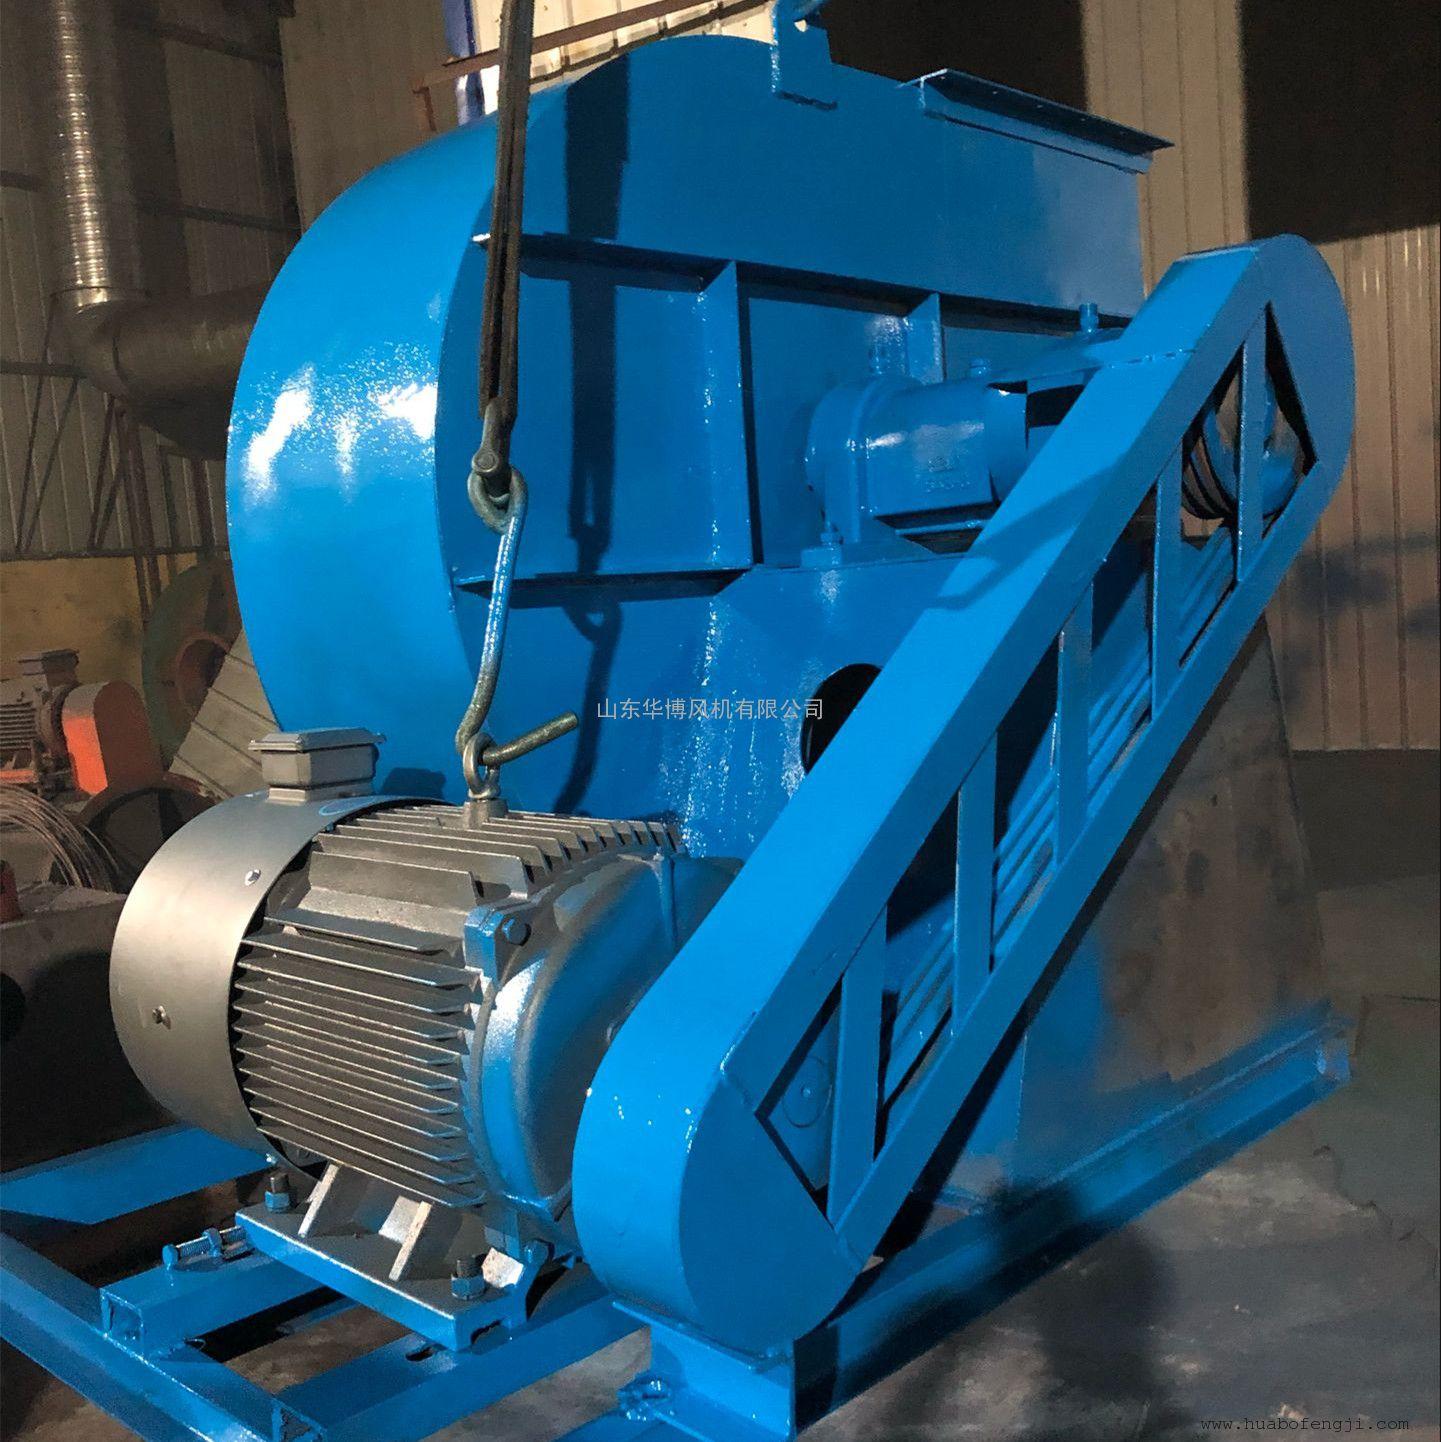 高温炉风机/水泥窑尾高温引风机/高温400度风机